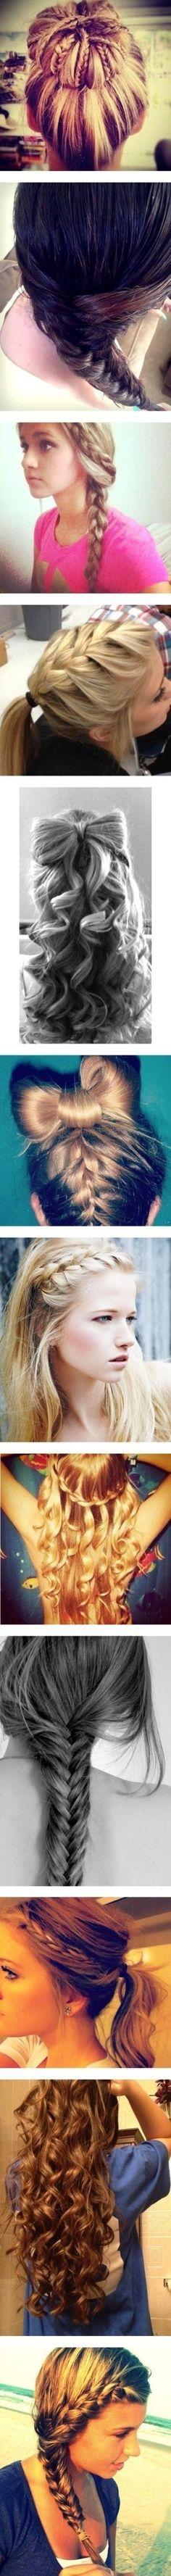 Bekijk de foto van jolien22 met als titel Allemaal mooi haar met vlecht! en andere inspirerende plaatjes op Welke.nl.